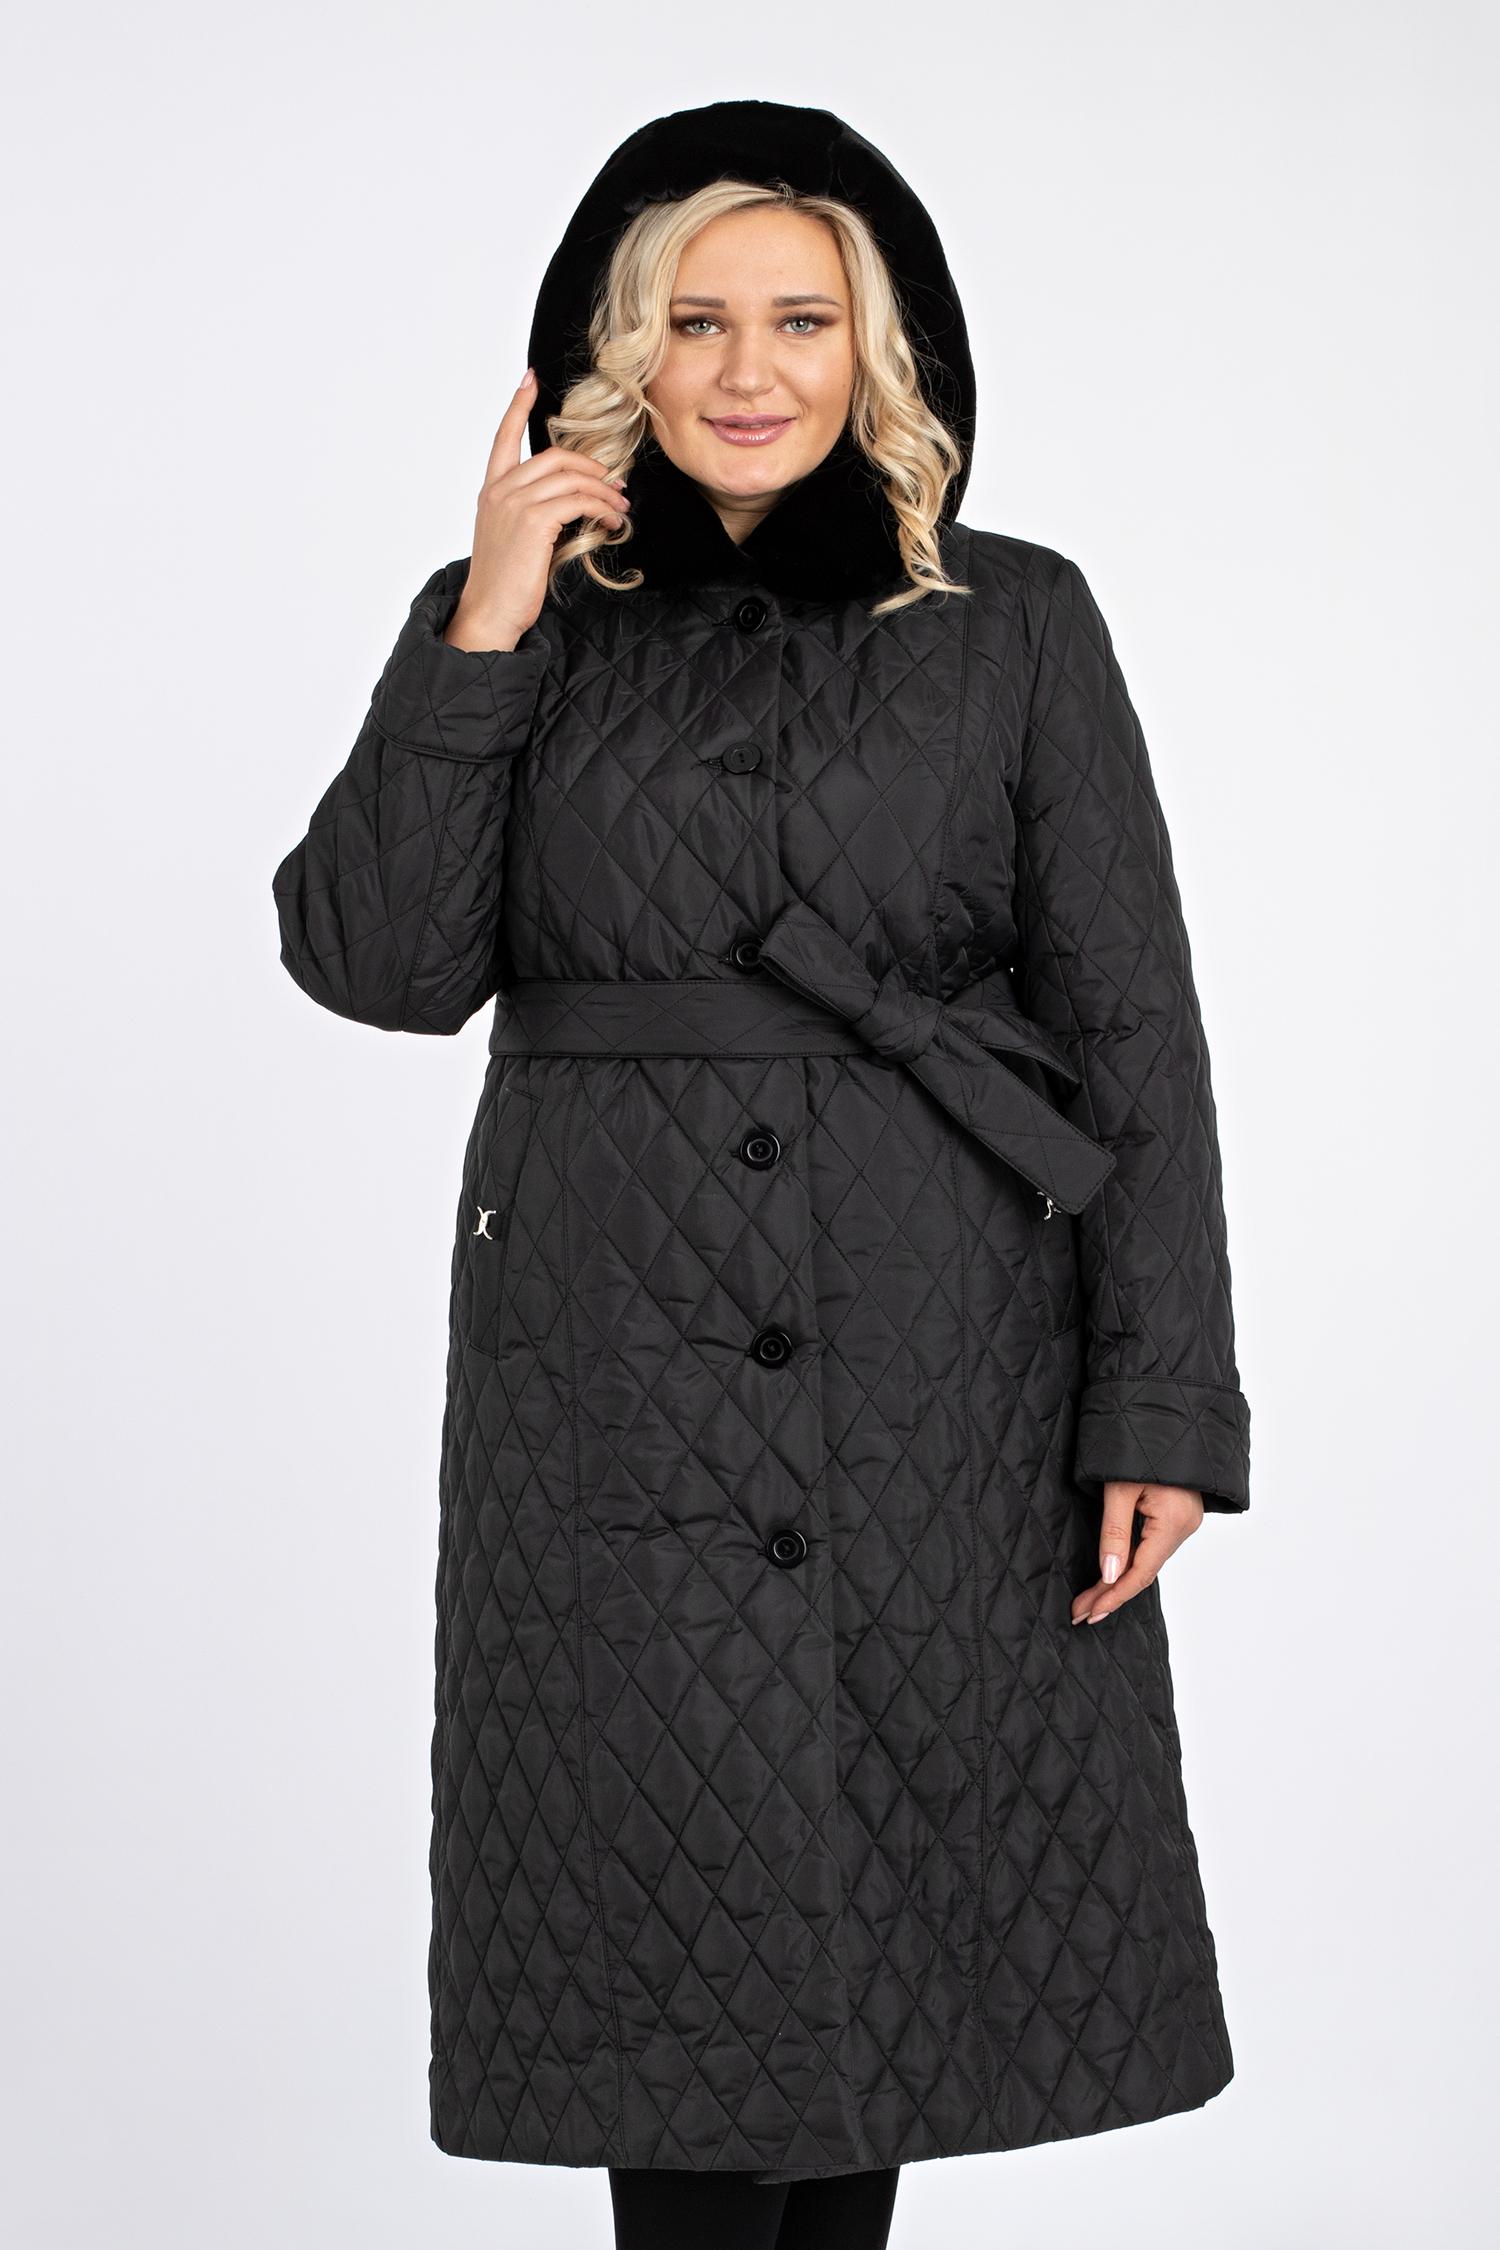 Купить со скидкой Пуховик женский из текстиля с капюшоном, отделка искусственный мех